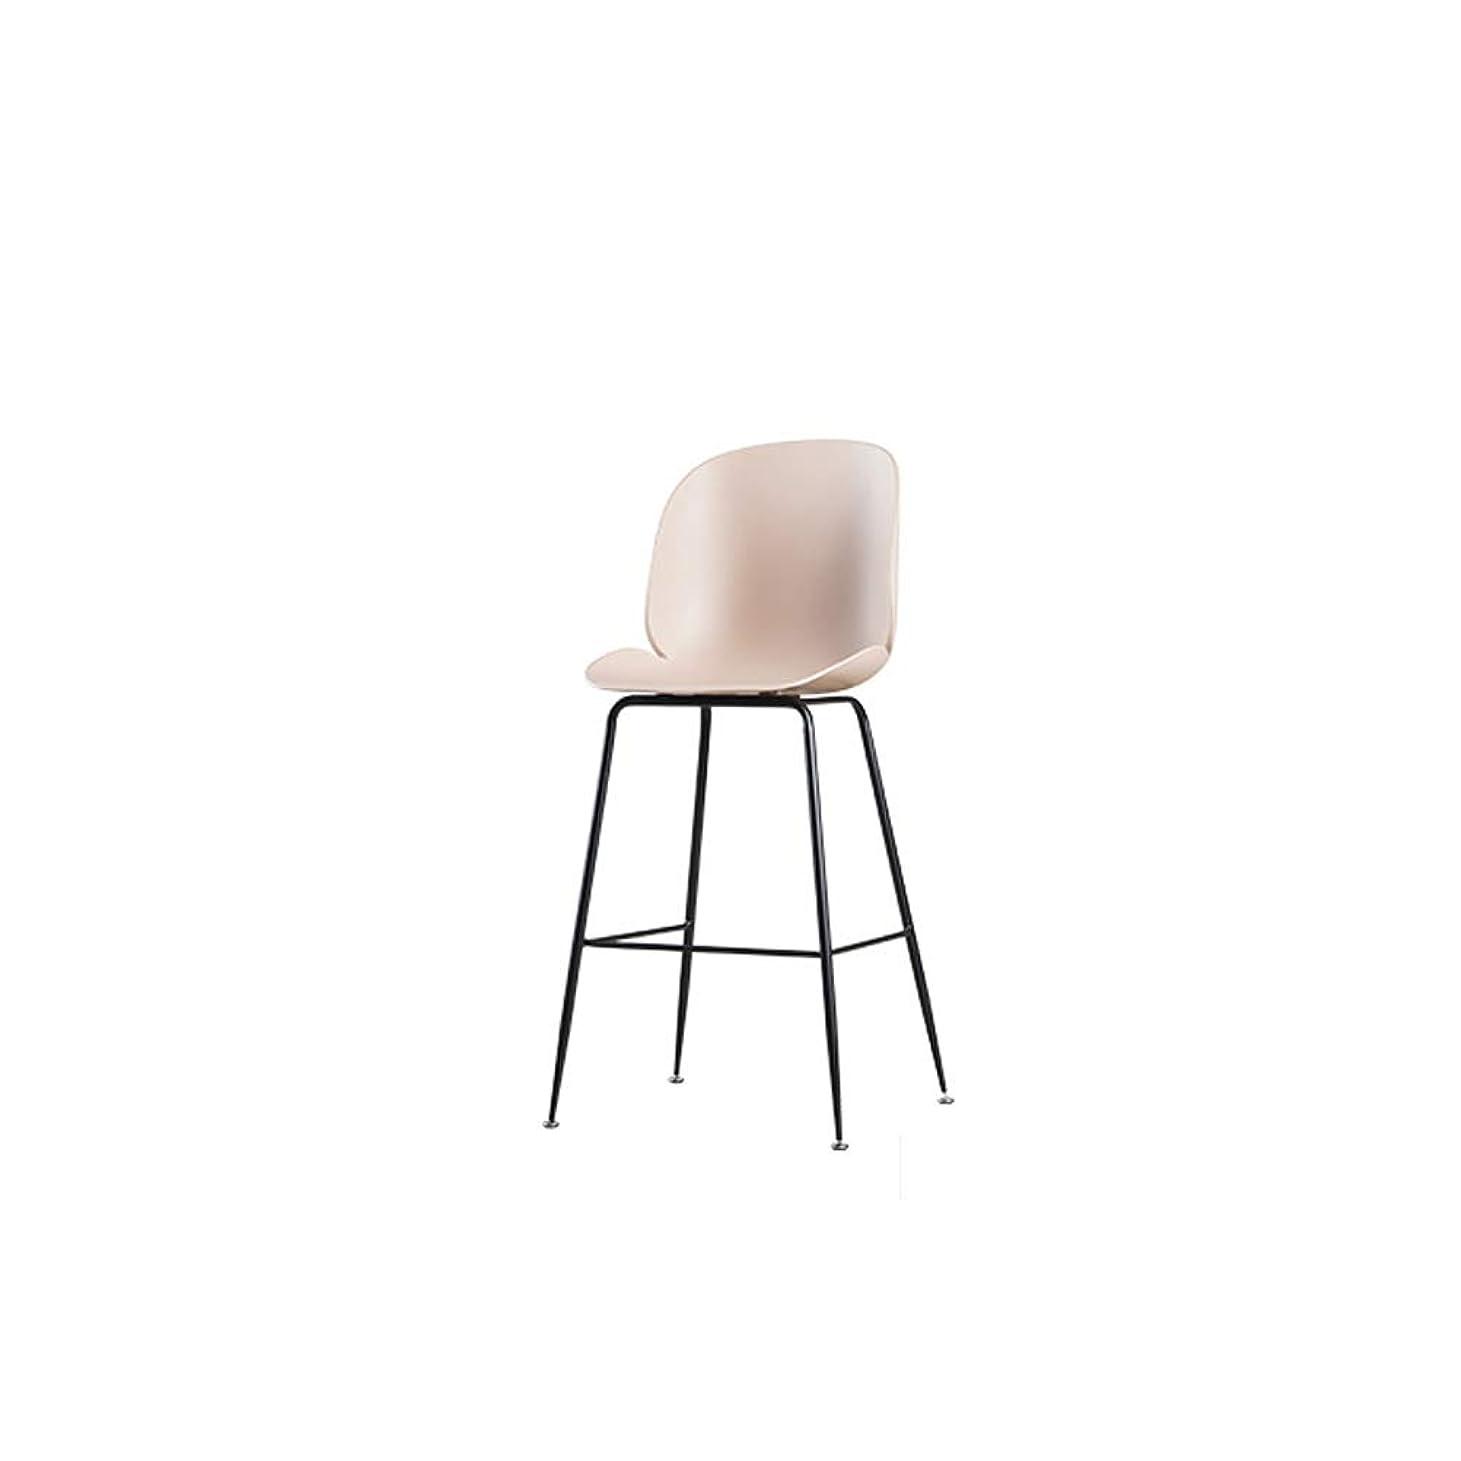 権威タービン提唱するXINGPING-Furniture スカンジナビアの鉄の芸術のバーチェア高い足のバースタンドクリエイティブフロントデスクチェアビートルバースタンド現代のシンプルなバーチェア (色 : ピンク)